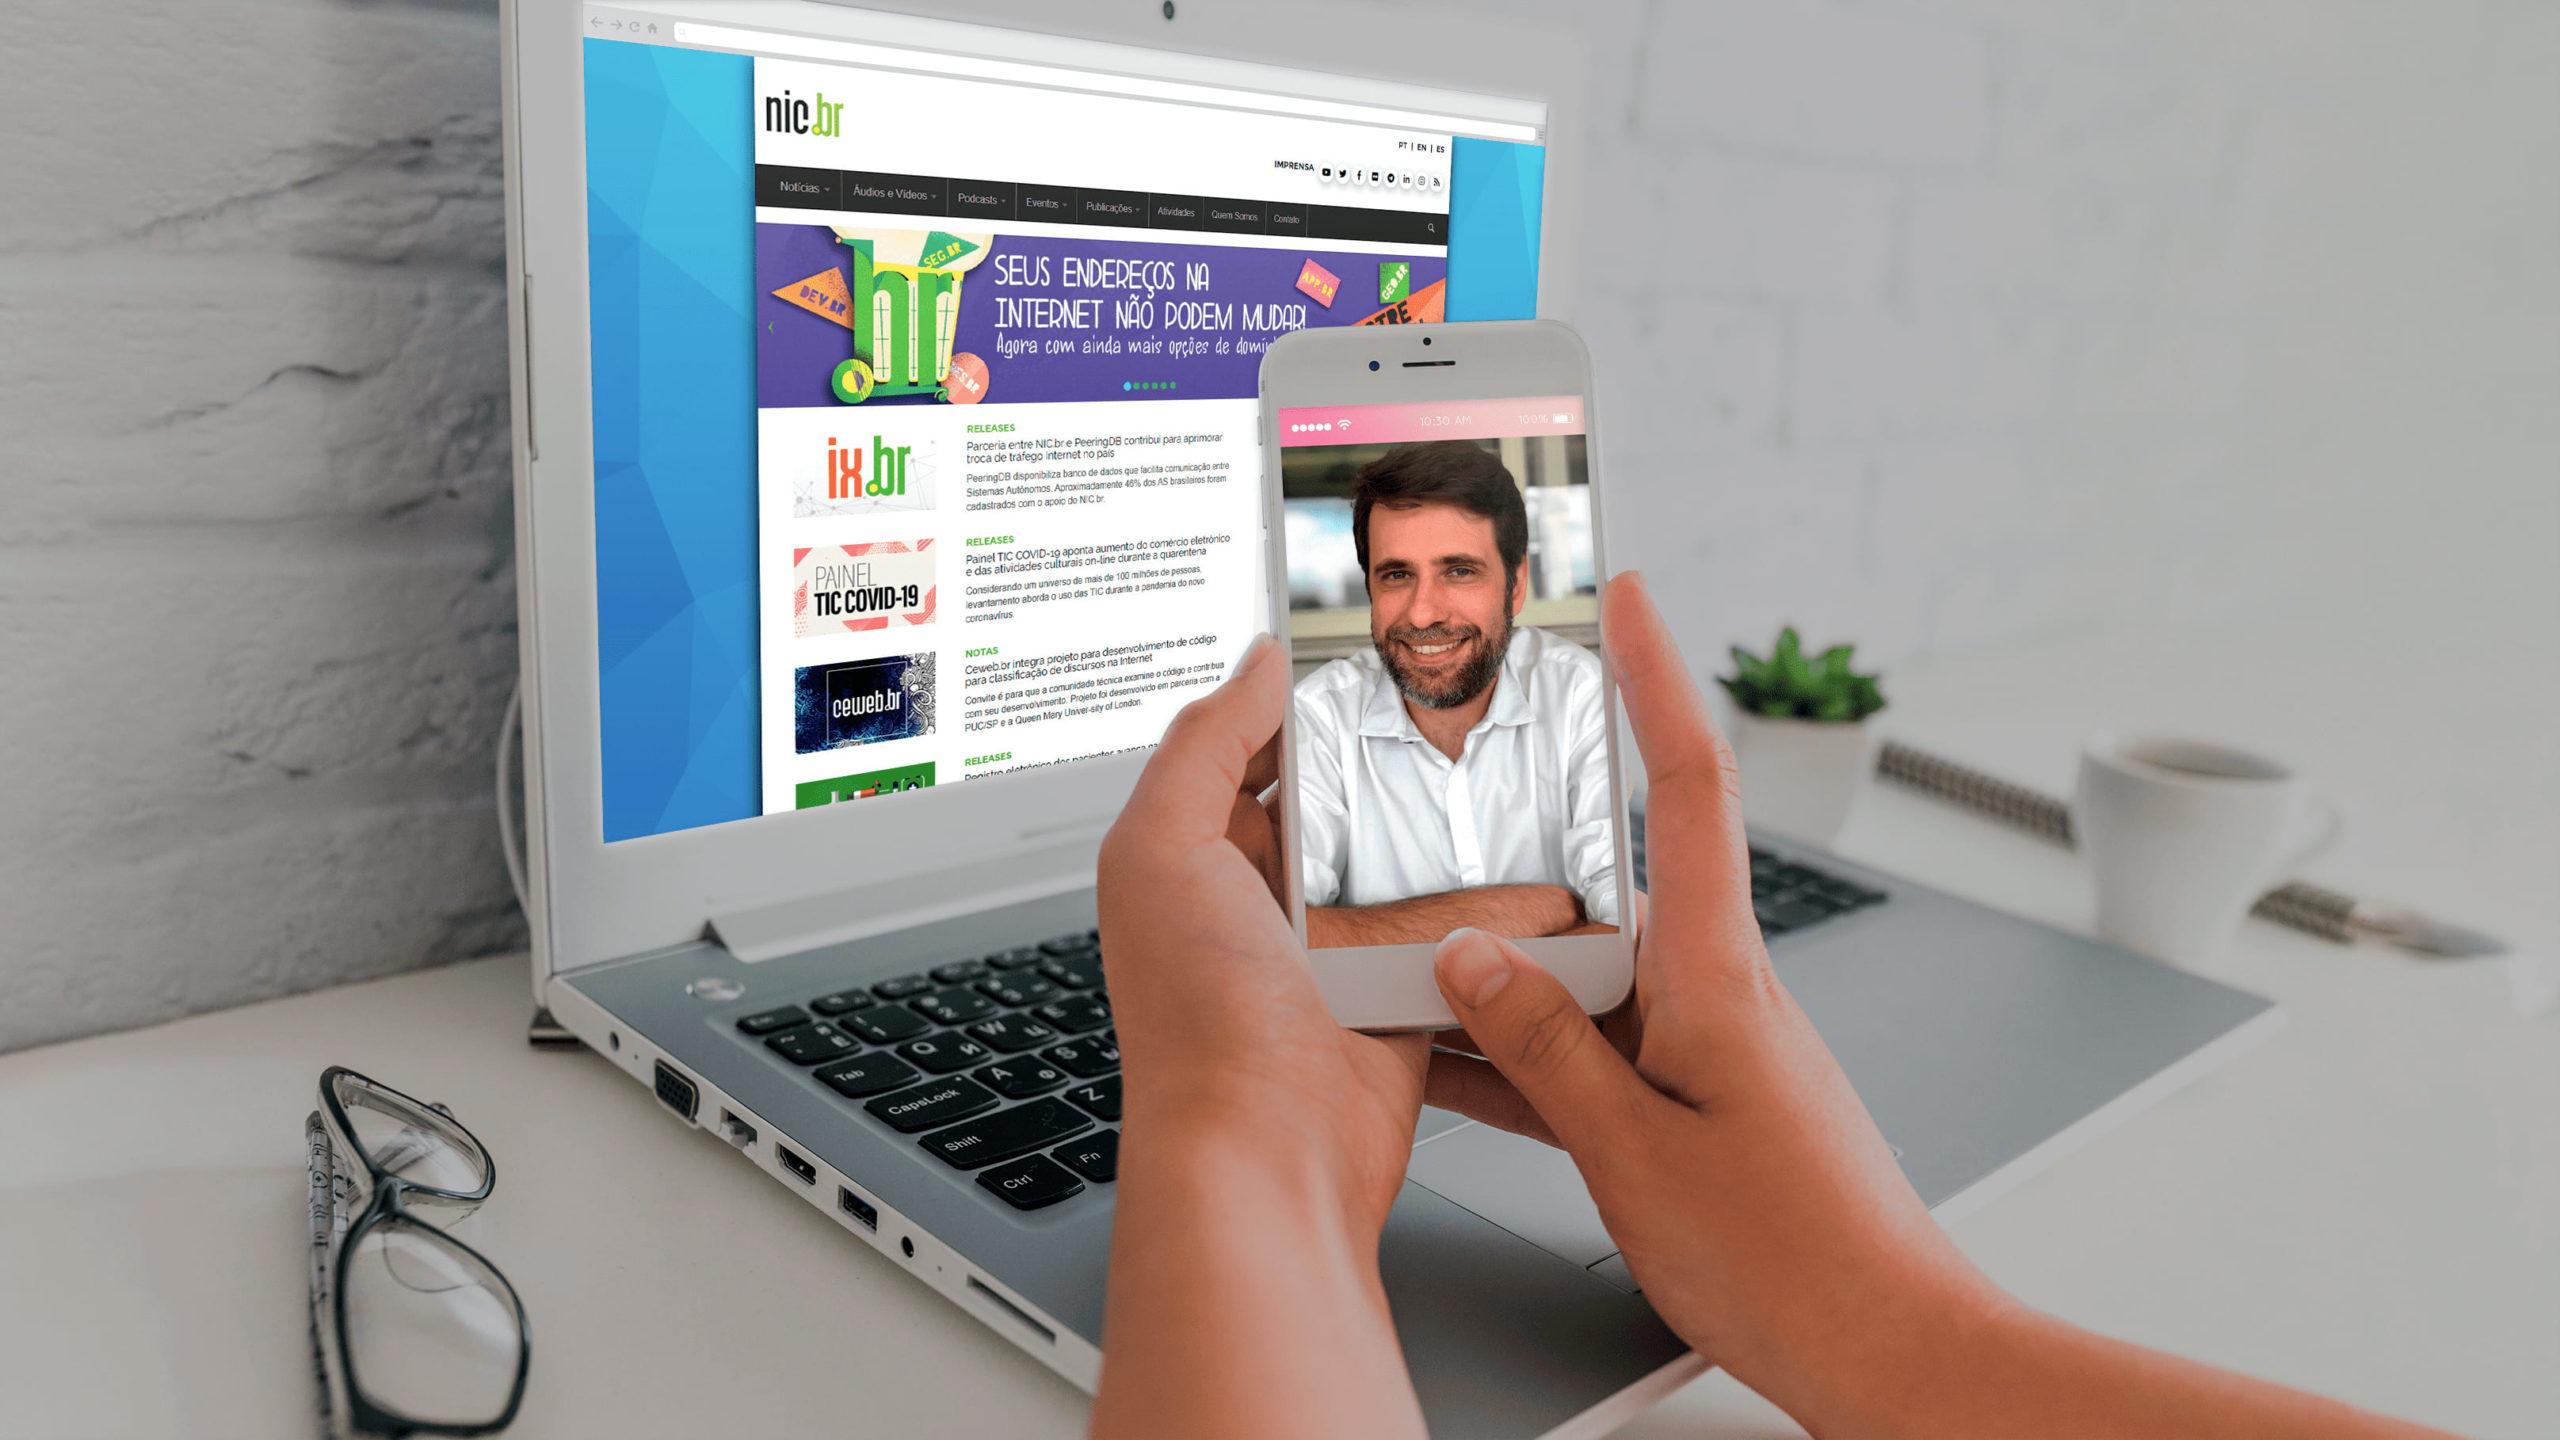 Acessibilidade na Web, com Reinaldo Ferraz em um celular, e o NIC.br na tela do notebook